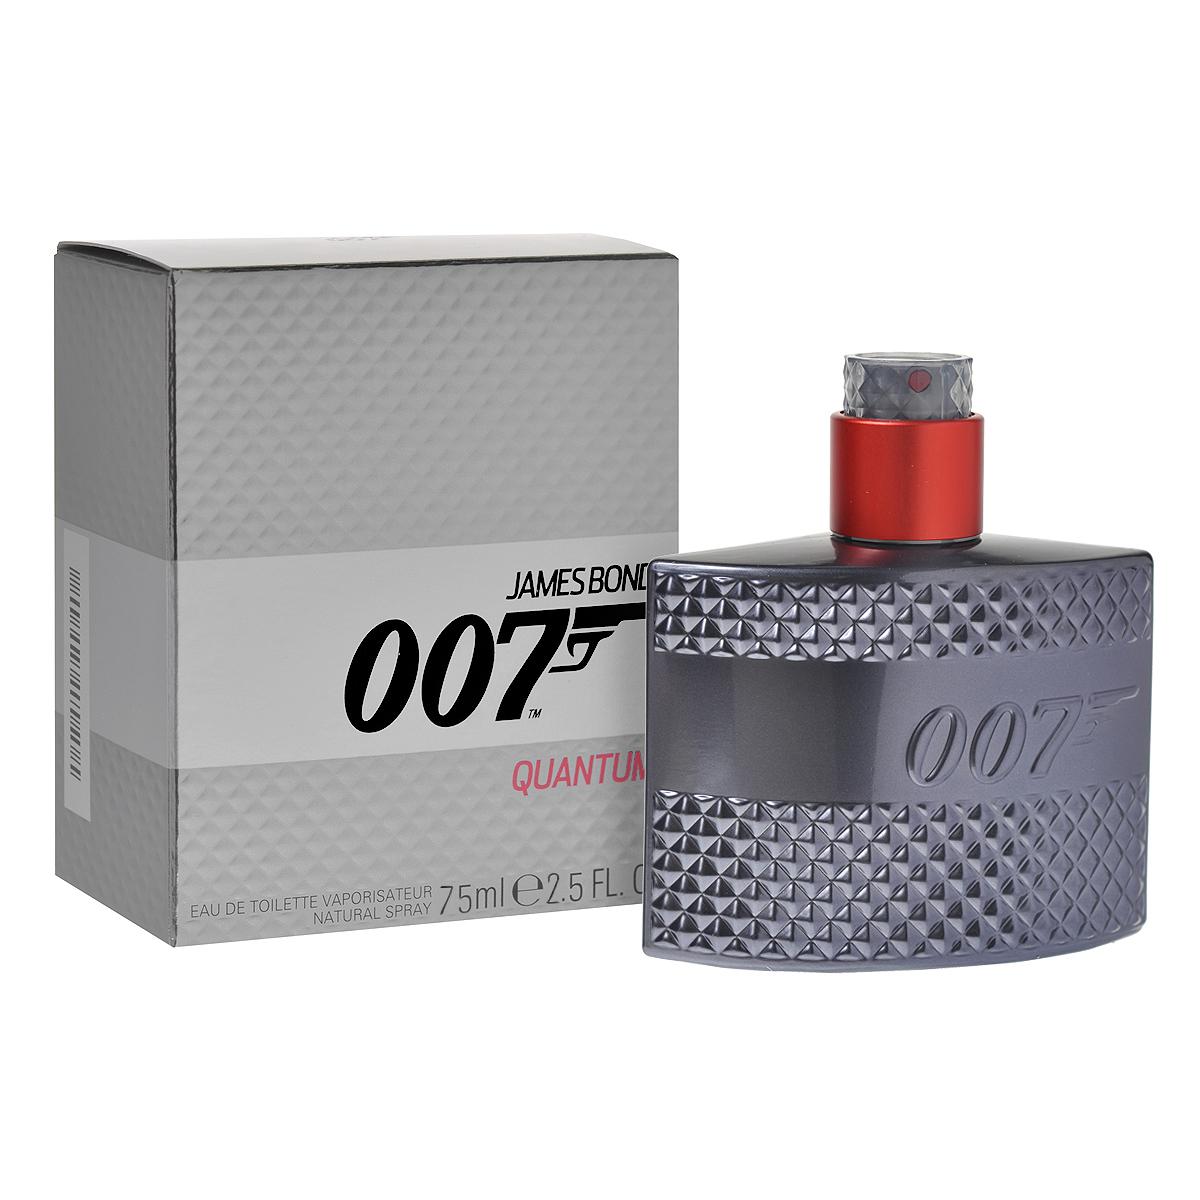 James Bond Туалетная вода Quantum, мужская, 75 мл0737052739373Аромат Quantum - третий аромат парфюмерной линии James Bond 007. Это по-настоящему мужественная бодрящая композиция, посвященная умению Бонда оставаться невозмутимым в самых напряженных ситуациях. Уже более пятидесяти лет агент 007 завораживает зрителей своей фантастической уверенностью и неизменной способностью сохранять хладнокровие при любых обстоятельствах, всегда и везде. Аромат James Bond 007 Quantum бодрит тело и ум, позволяя вам с уверенностью принимать вызовы судьбы. Quantum - бодрящий и очень мужественный аромат, включающий только лучшие ингредиенты. В нем воплощены отличительные качества Бонда - уверенность и самоконтроль. Эти две черты переданы в композиции с помощью двух этапов раскрытия аромата. Quantum открывается мужественными классическими аккордами, над которыми не властны время и мода. Классификация аромата : фруктовый, цветочный. Пирамида аромата : Верхние ноты: бергамот, кардамон, ягоды...